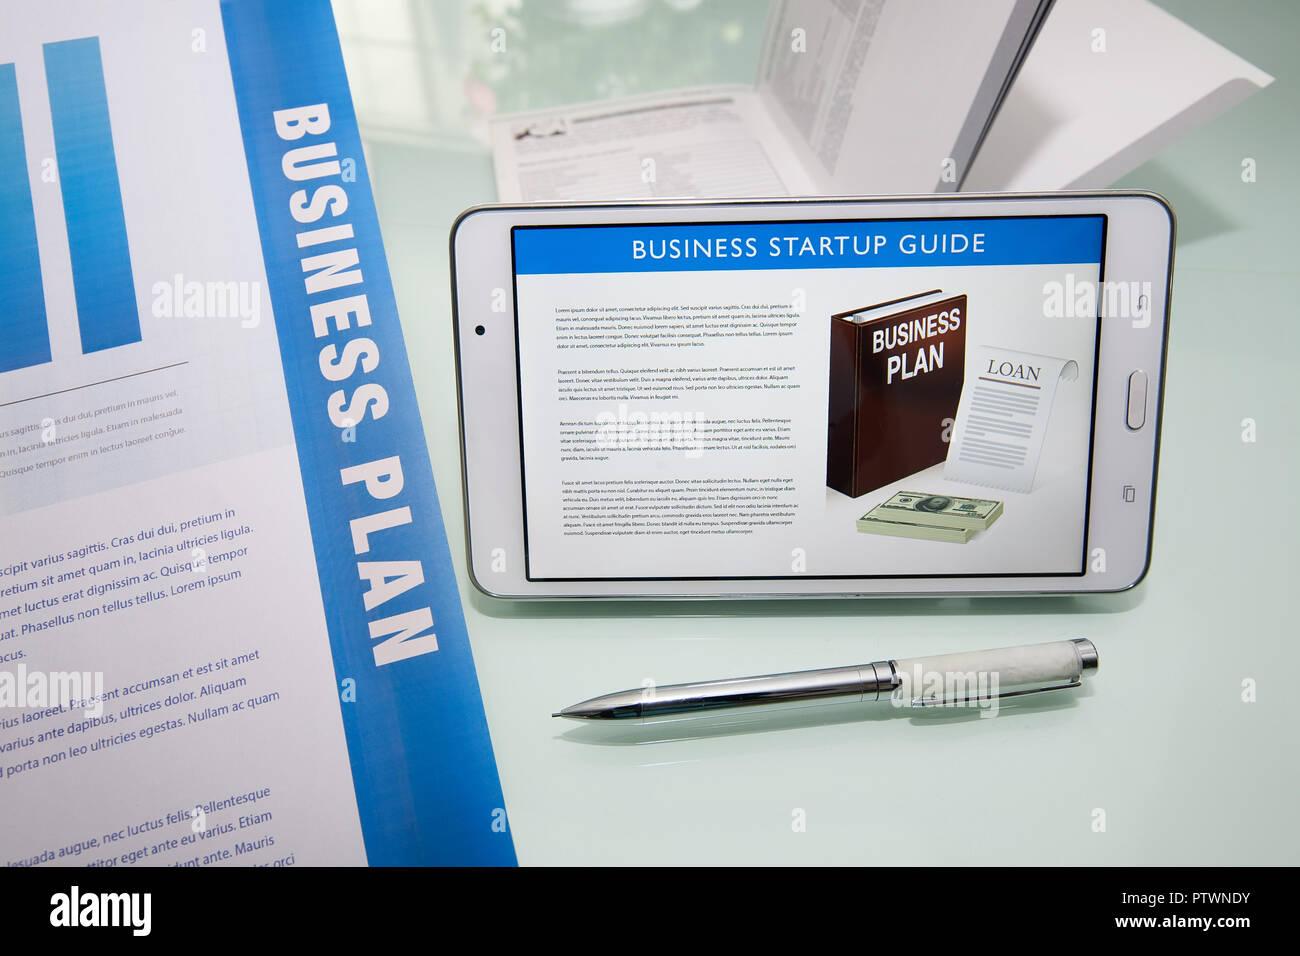 Componentes críticos de la ganadora de un resumen ejecutivo en un plan de negocio con marketing colateral, guías, y pen tablet o pantalla digital. Imagen De Stock